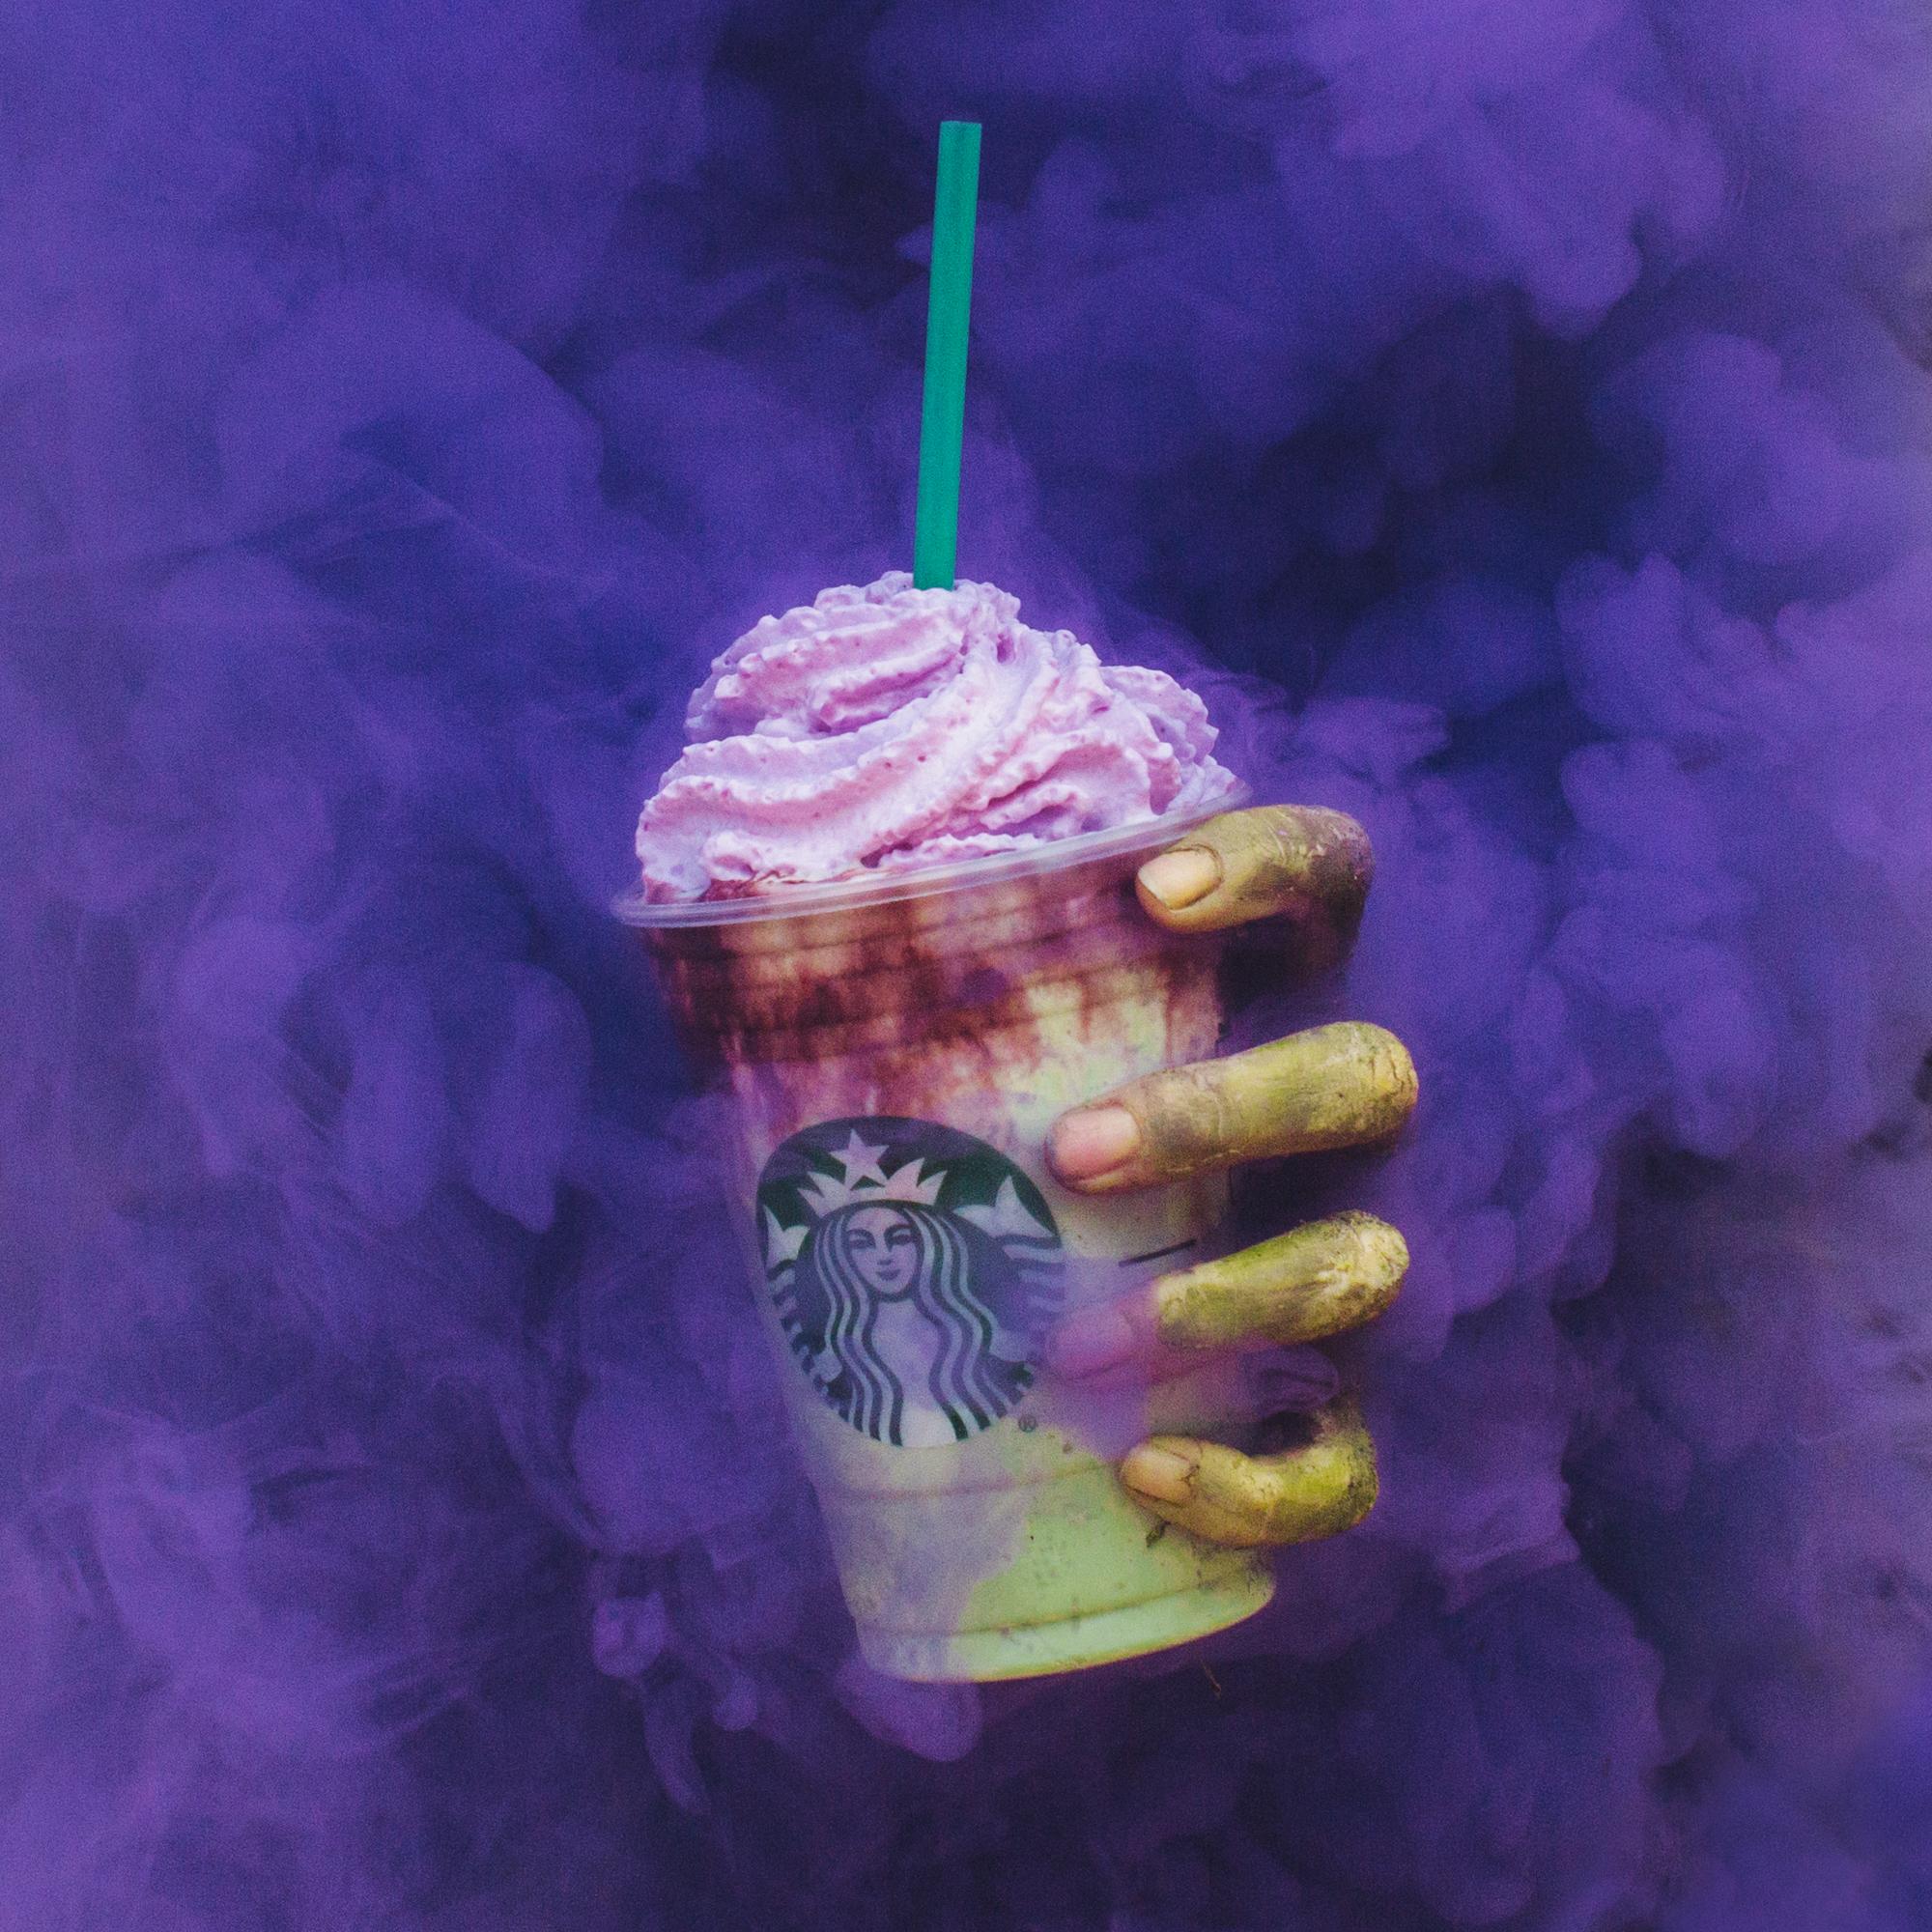 Tu peux maintenant boire le « Zombie frappuccino » pour l'Halloween